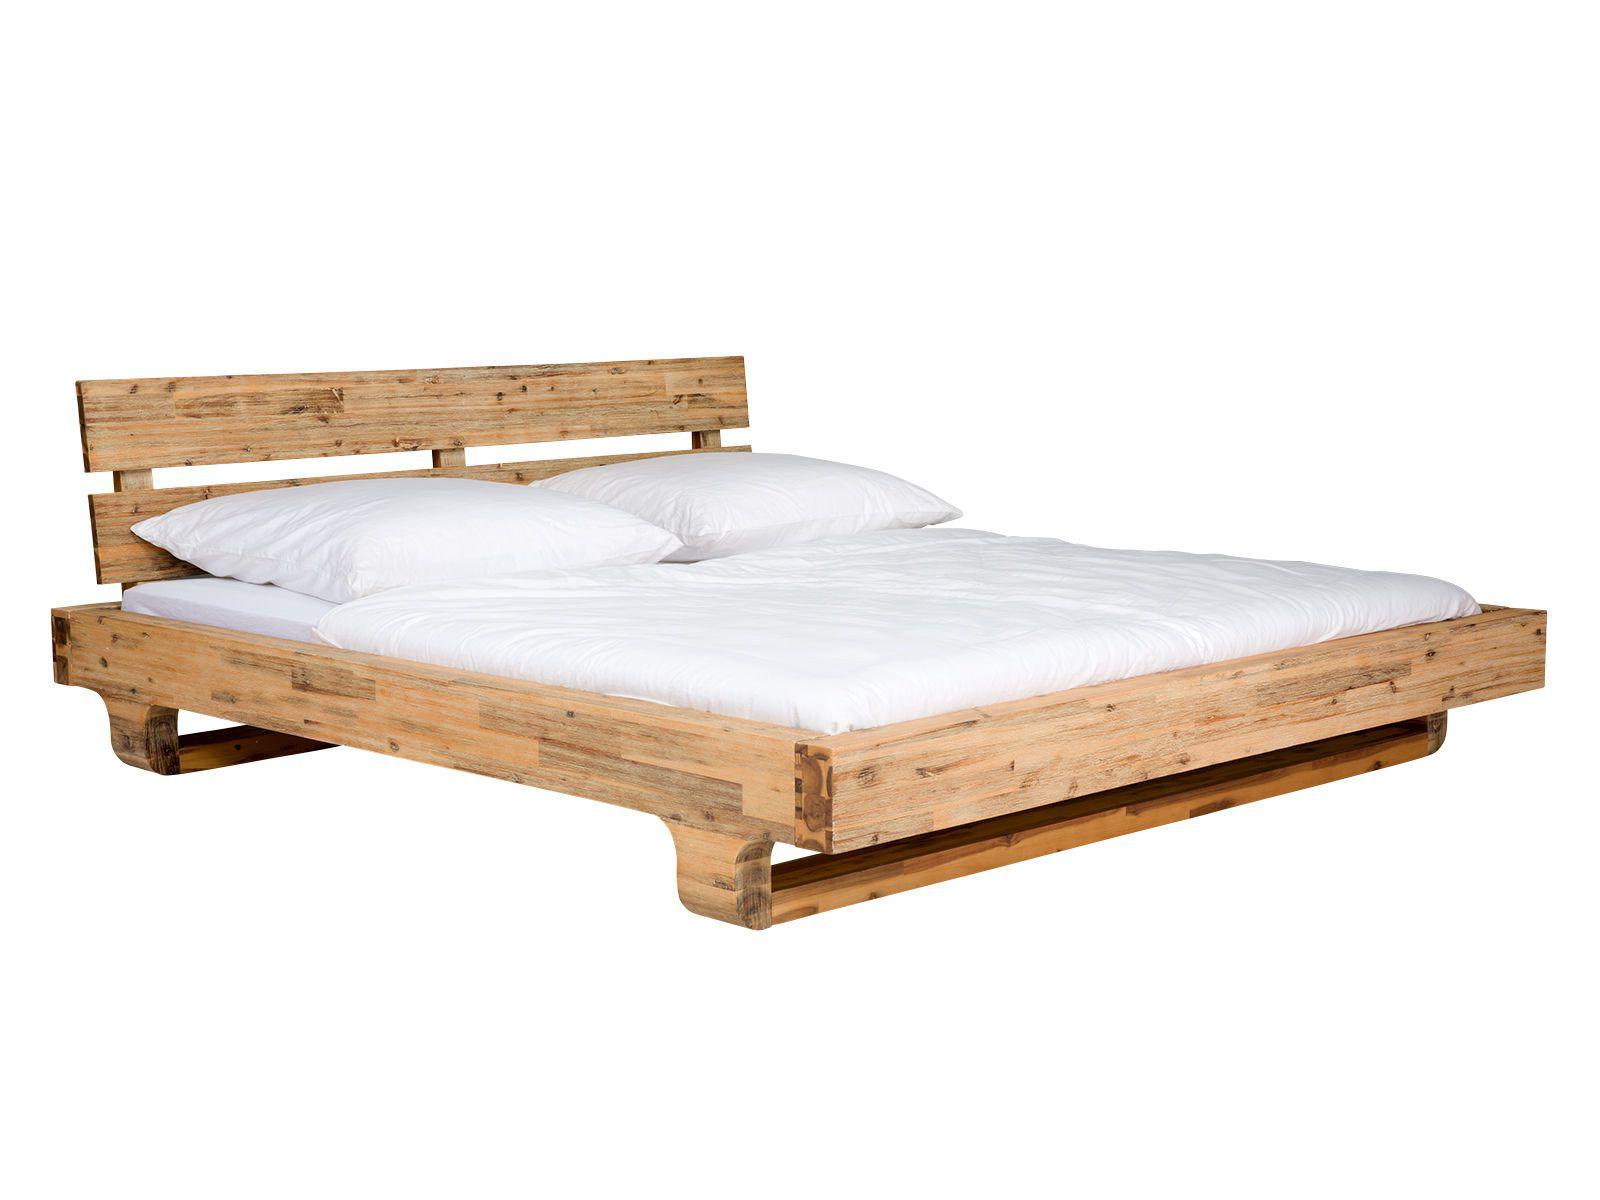 Full Size of Bett Massiv Betten Aus Massivholz Kaufen Doppelbetten Von Massivum Coole Kopfteil Selber Machen 160 Amerikanische Sofa Mit Bettfunktion Aufbewahrung Antike Bett Bett Massiv